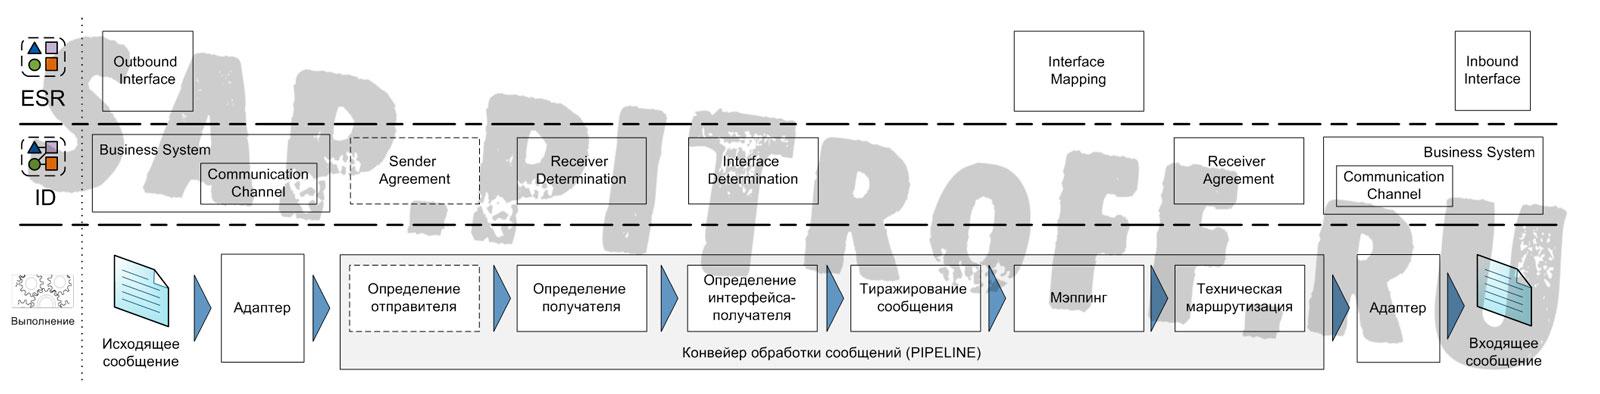 Рис.5: Типовой интерфейс SAP PI - шаги выполнения и соответствующие им объекты ESR и ID.